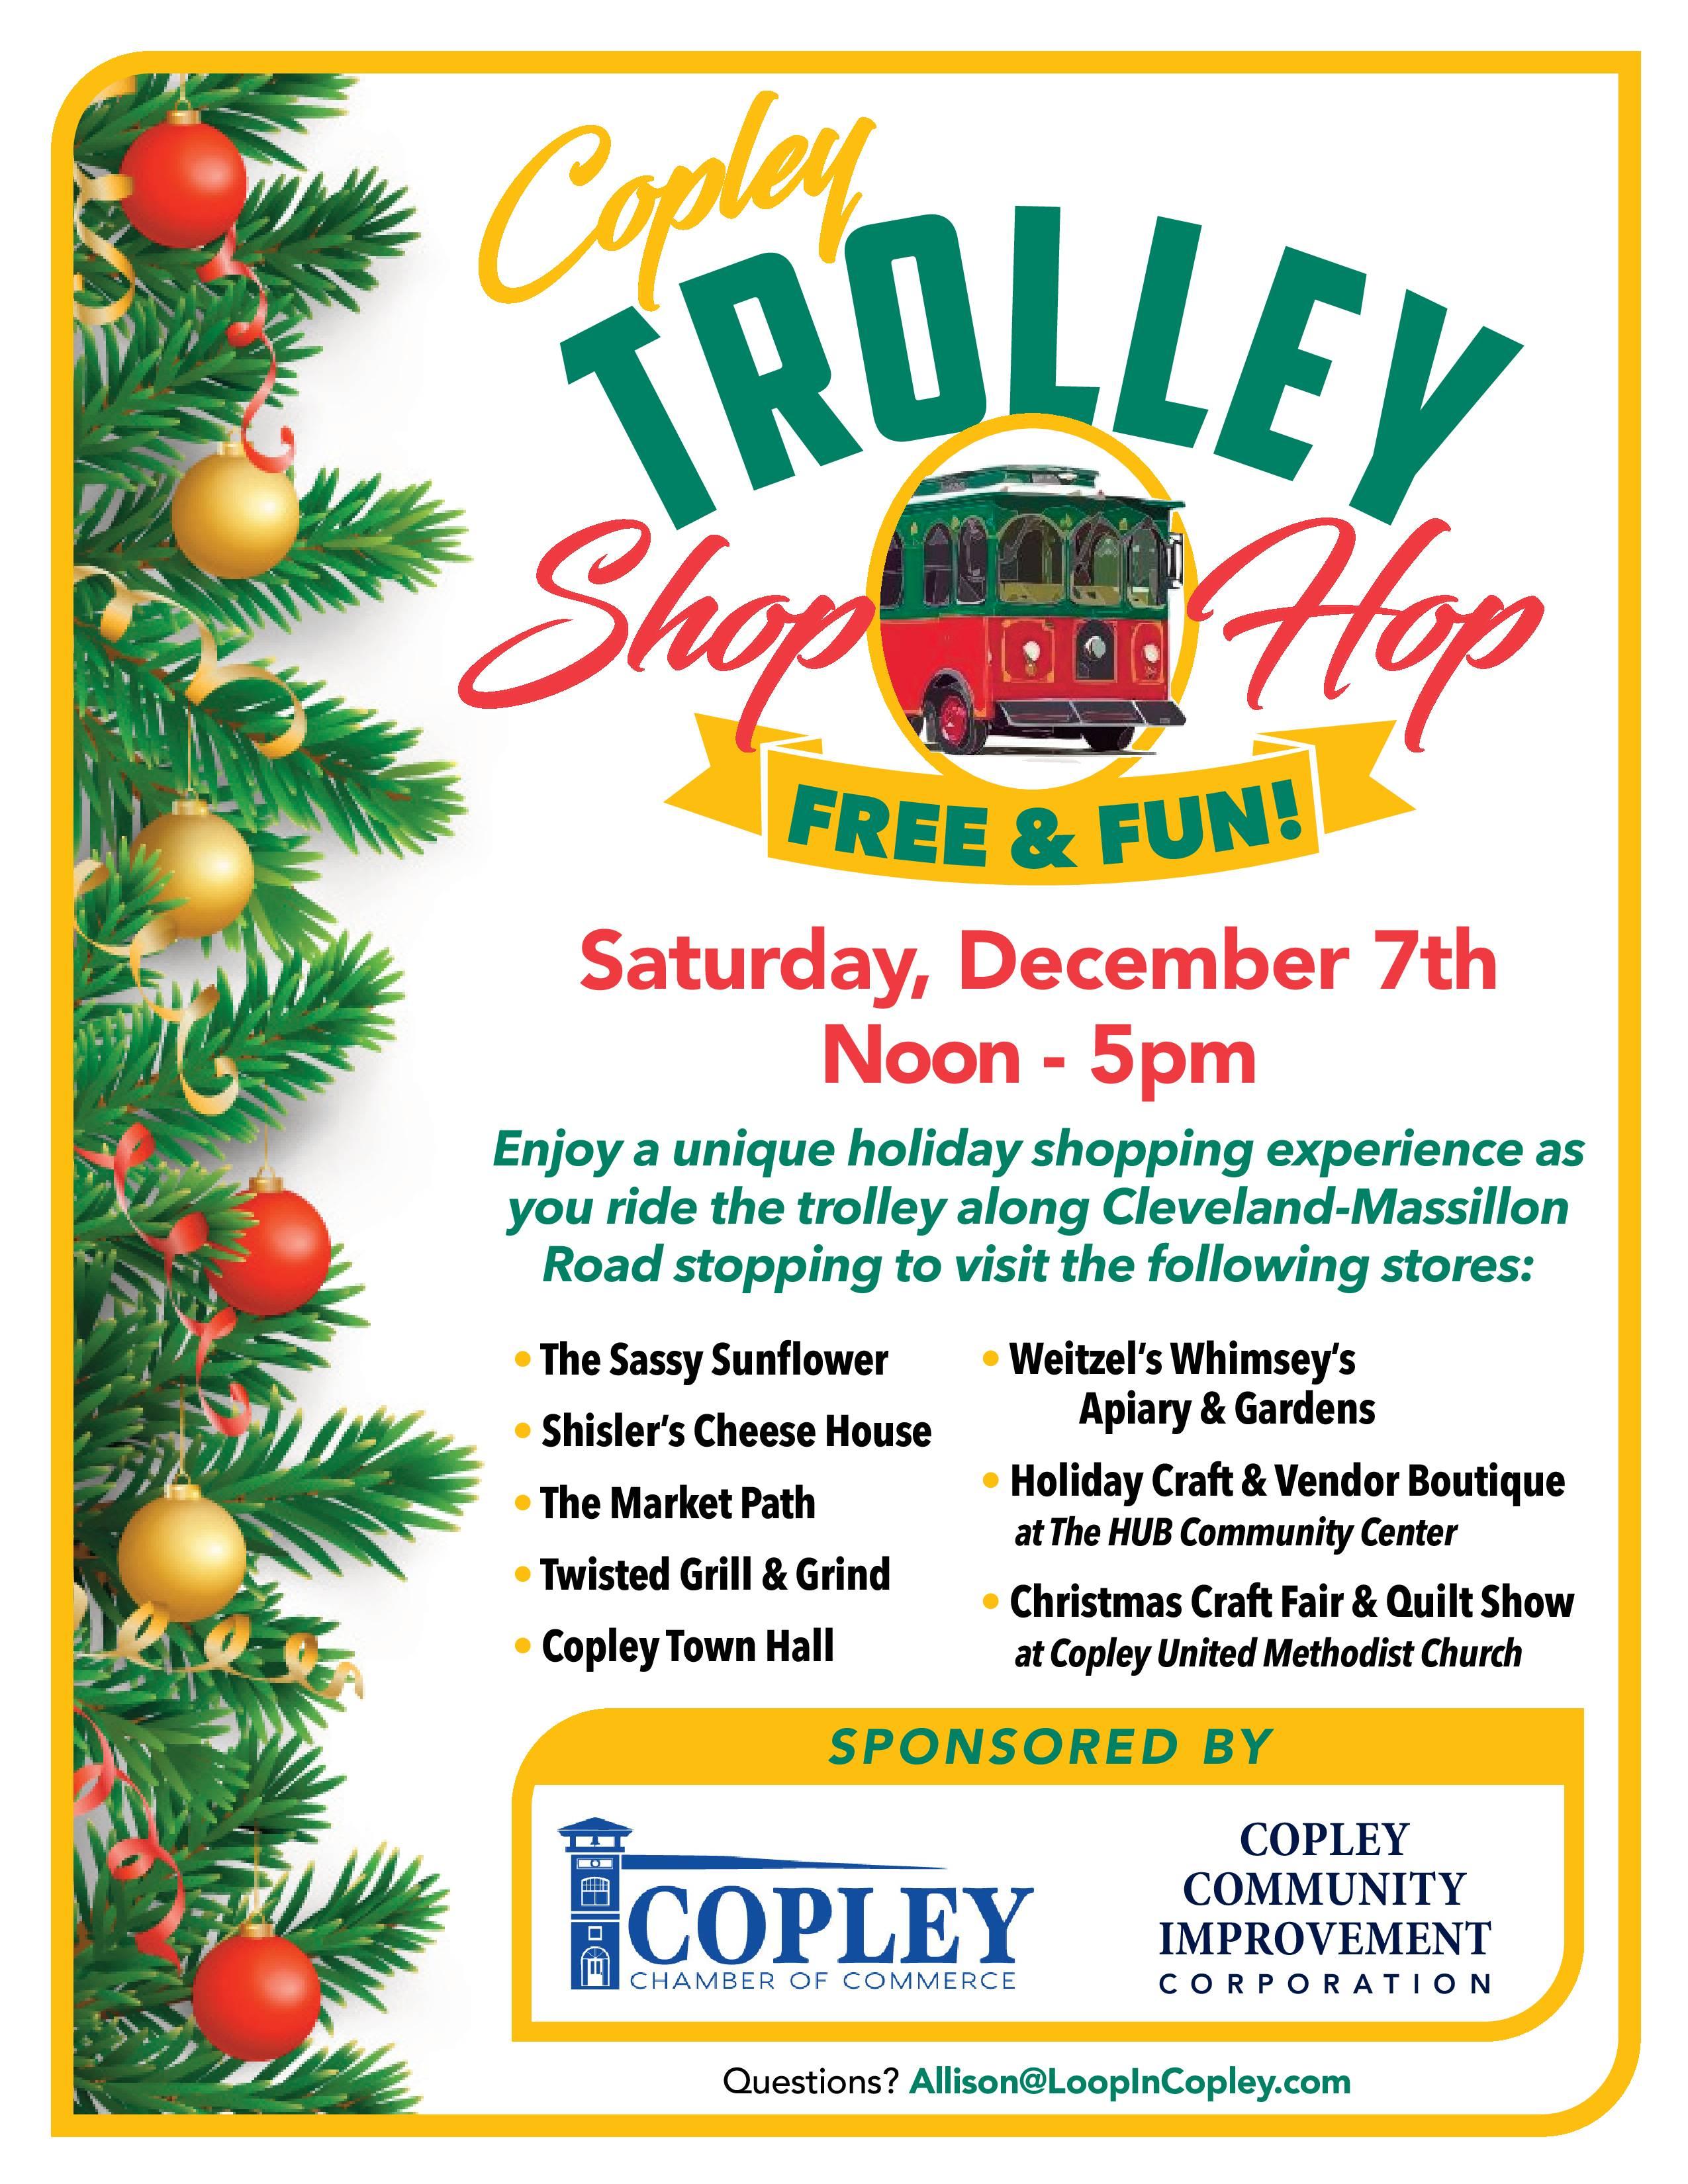 Copley Trolley Hop Shop 2019